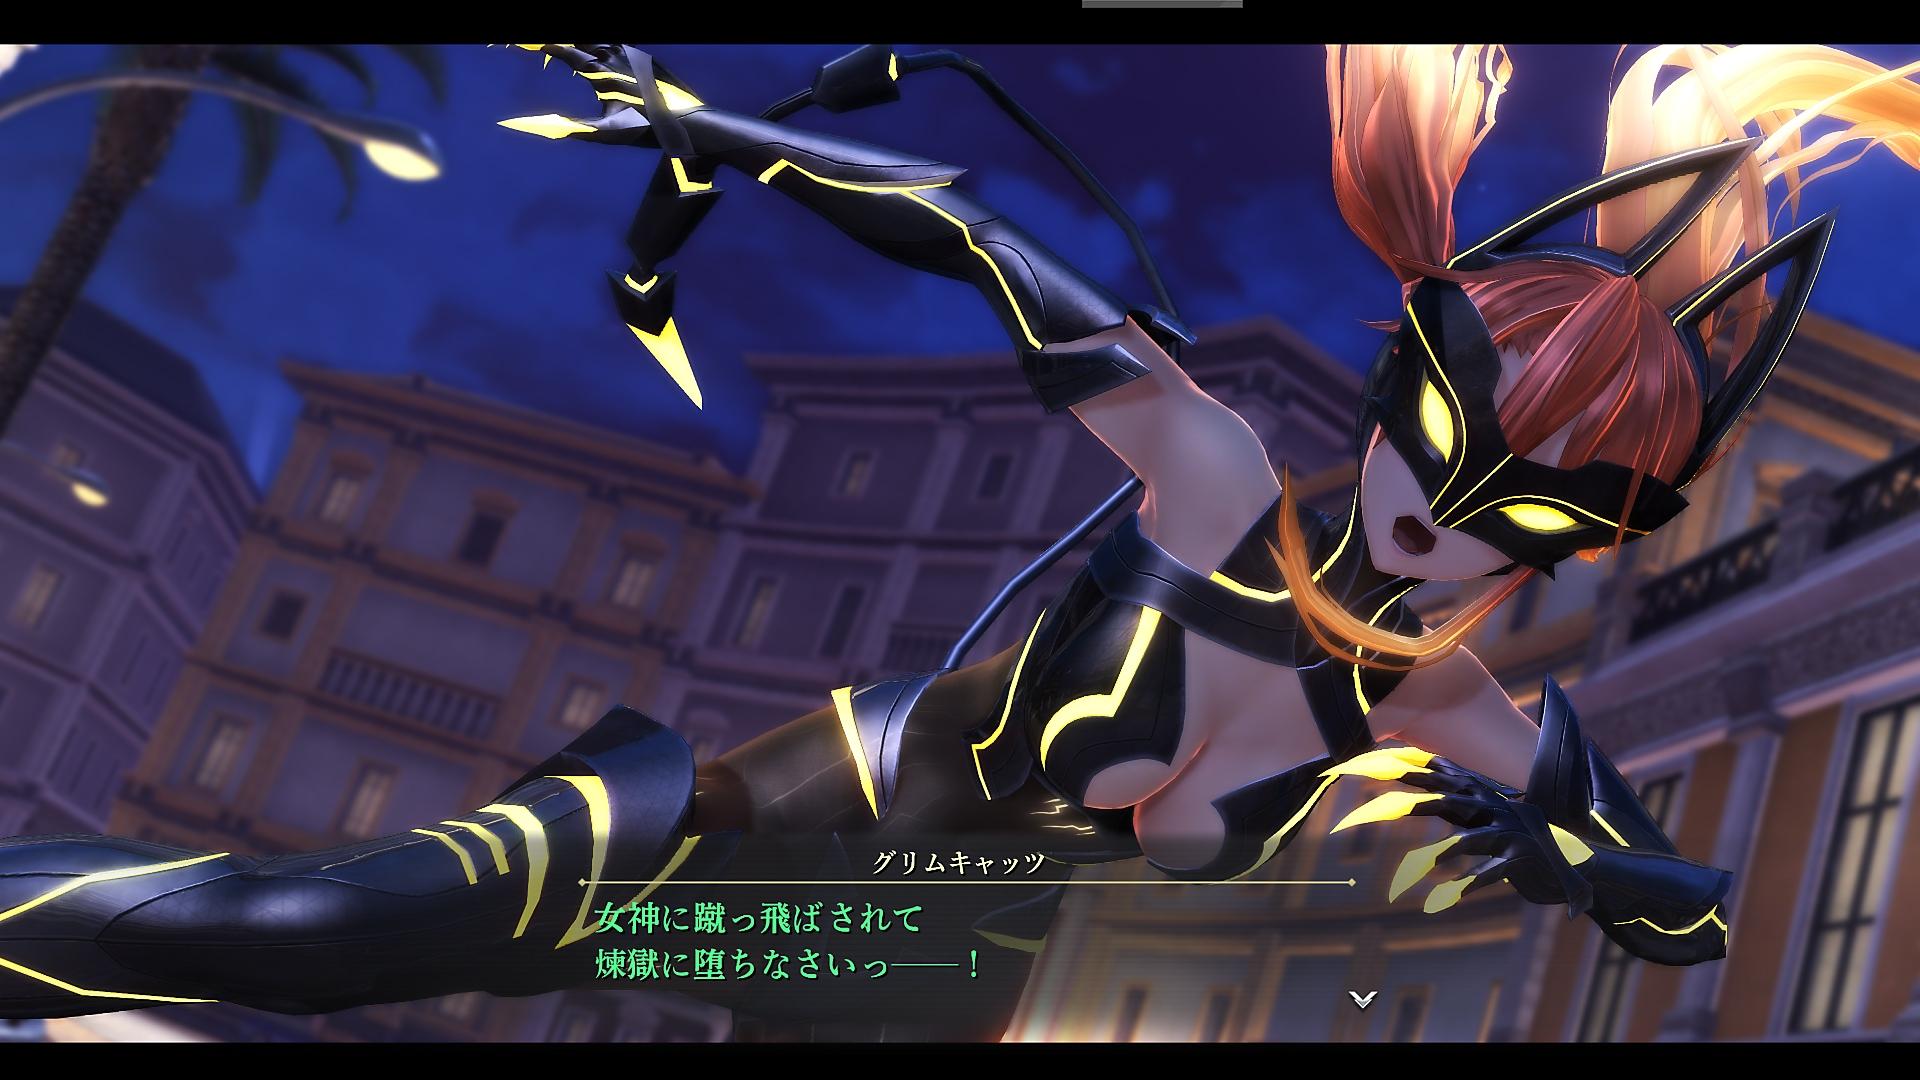 英雄伝説 黎の軌跡 - Gallery Screenshot 9